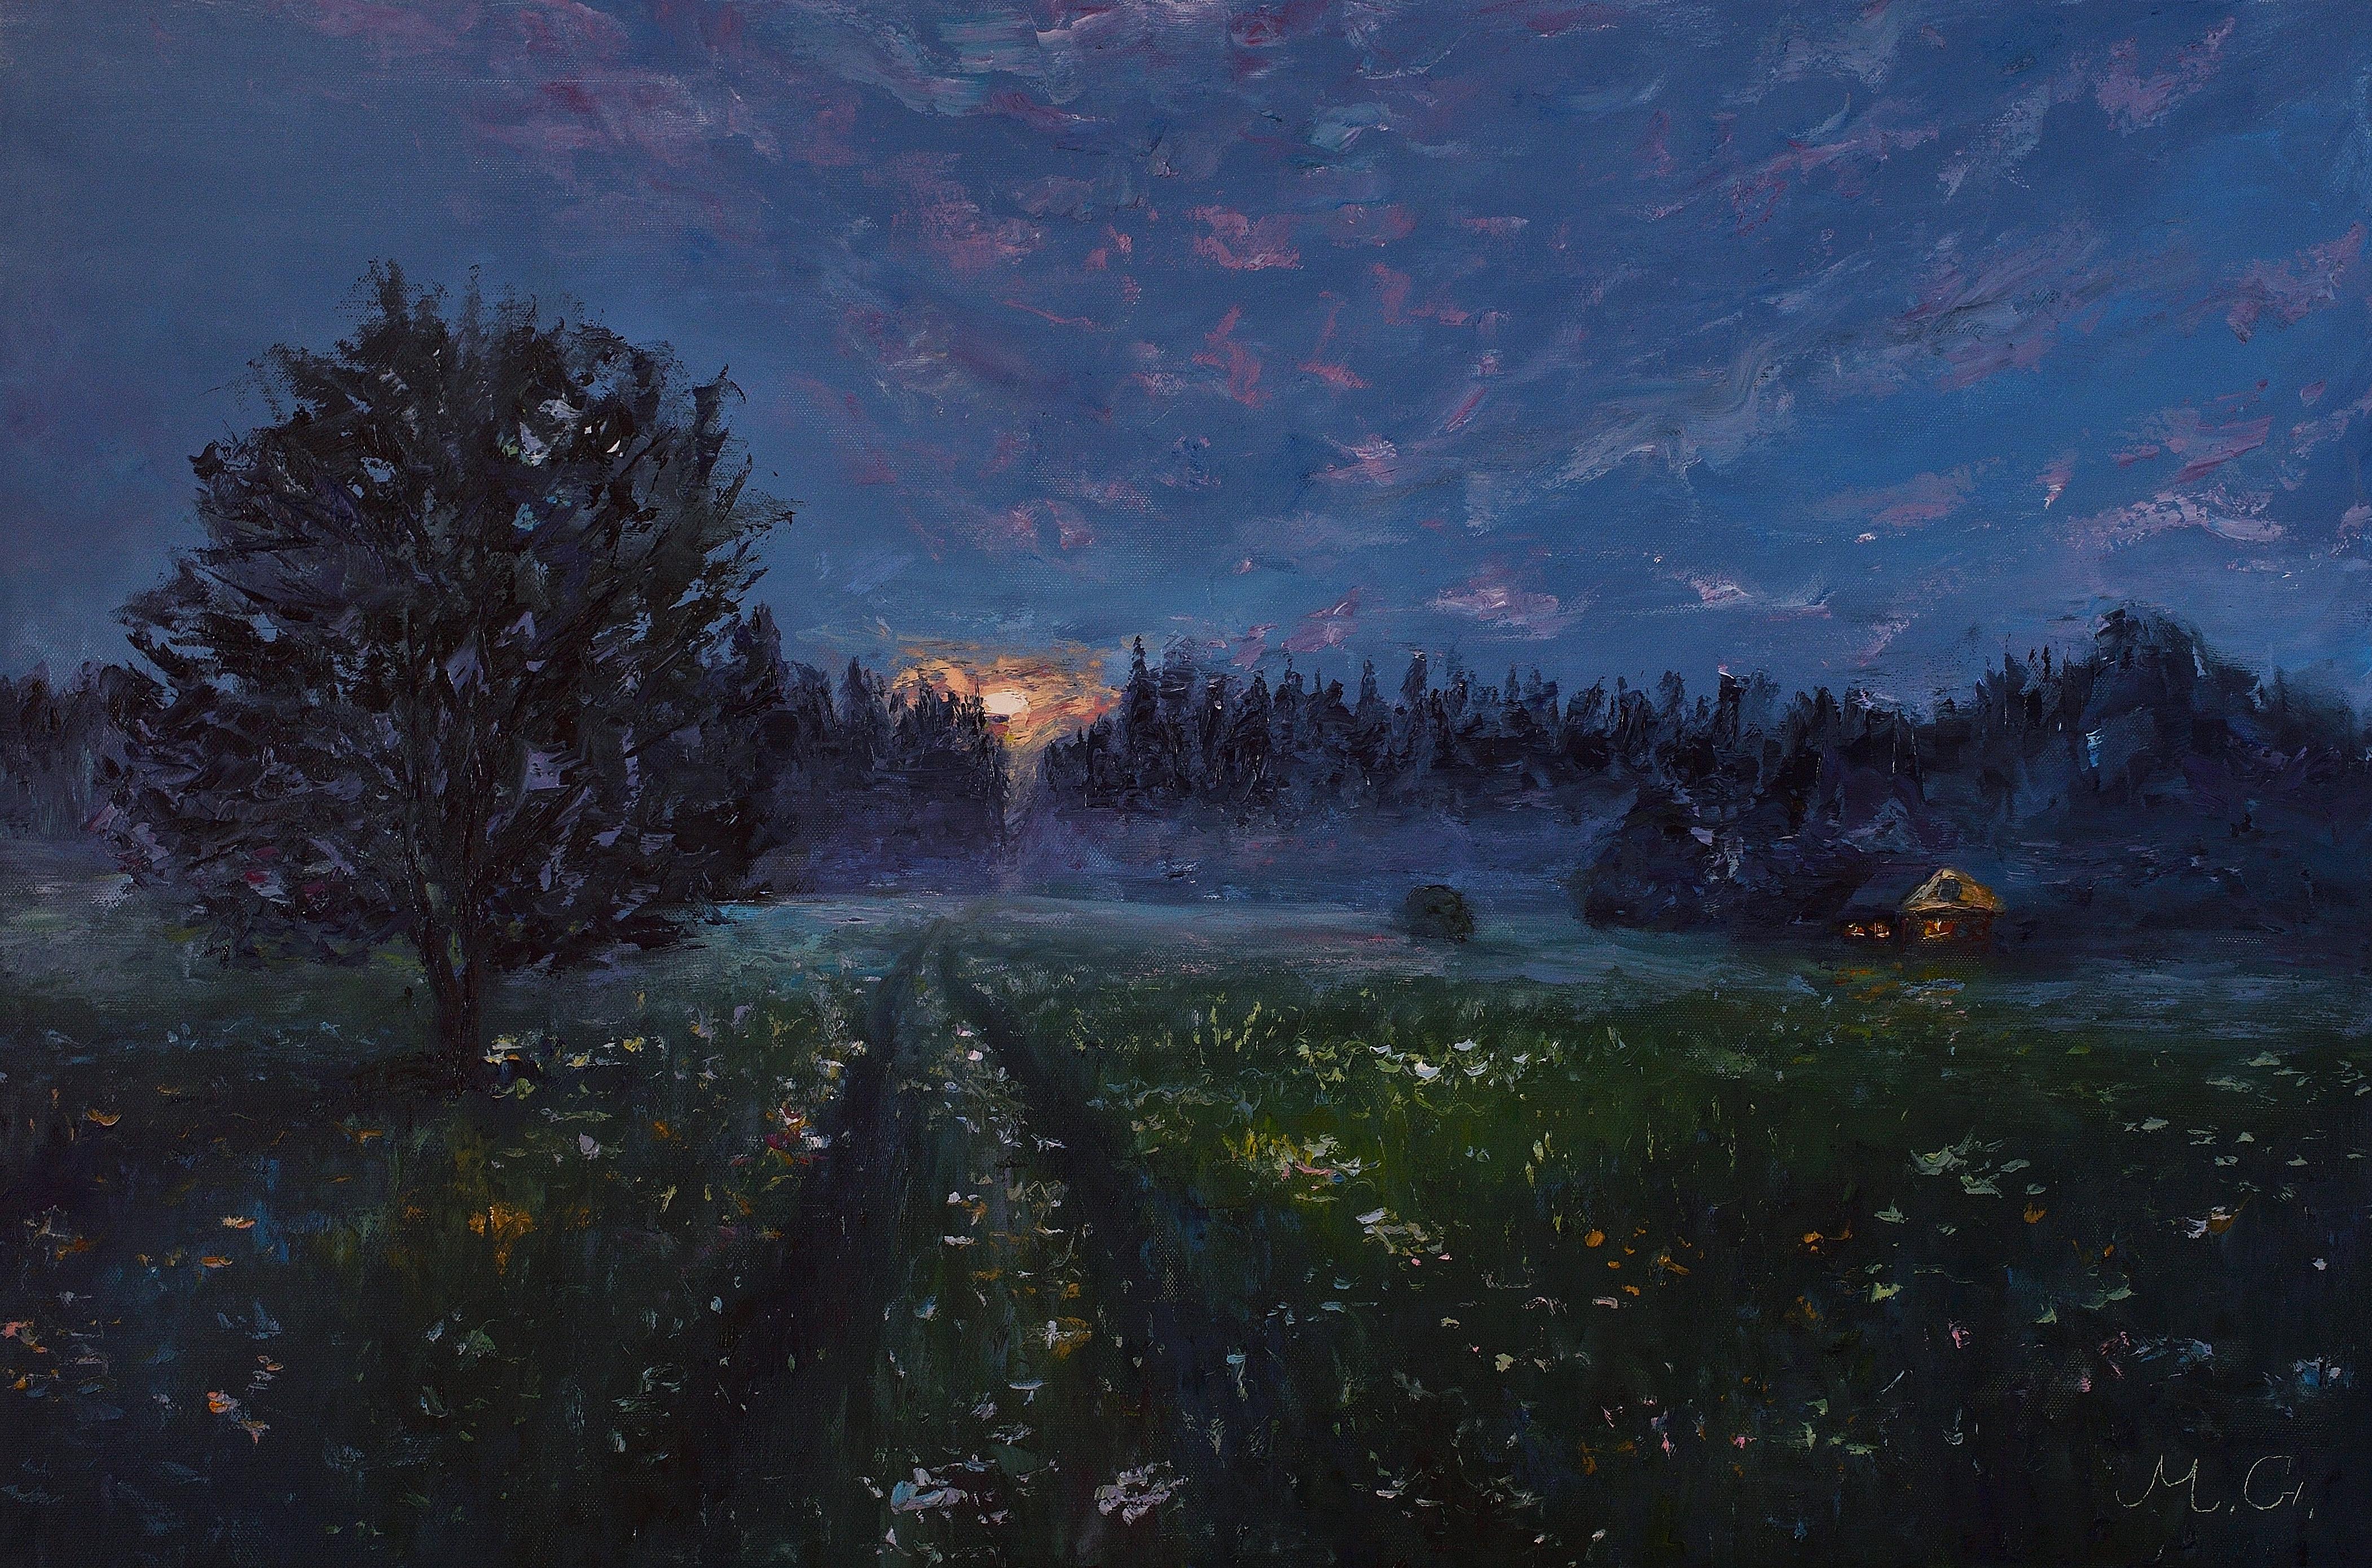 Ночь, луна и тишина. Арбонье